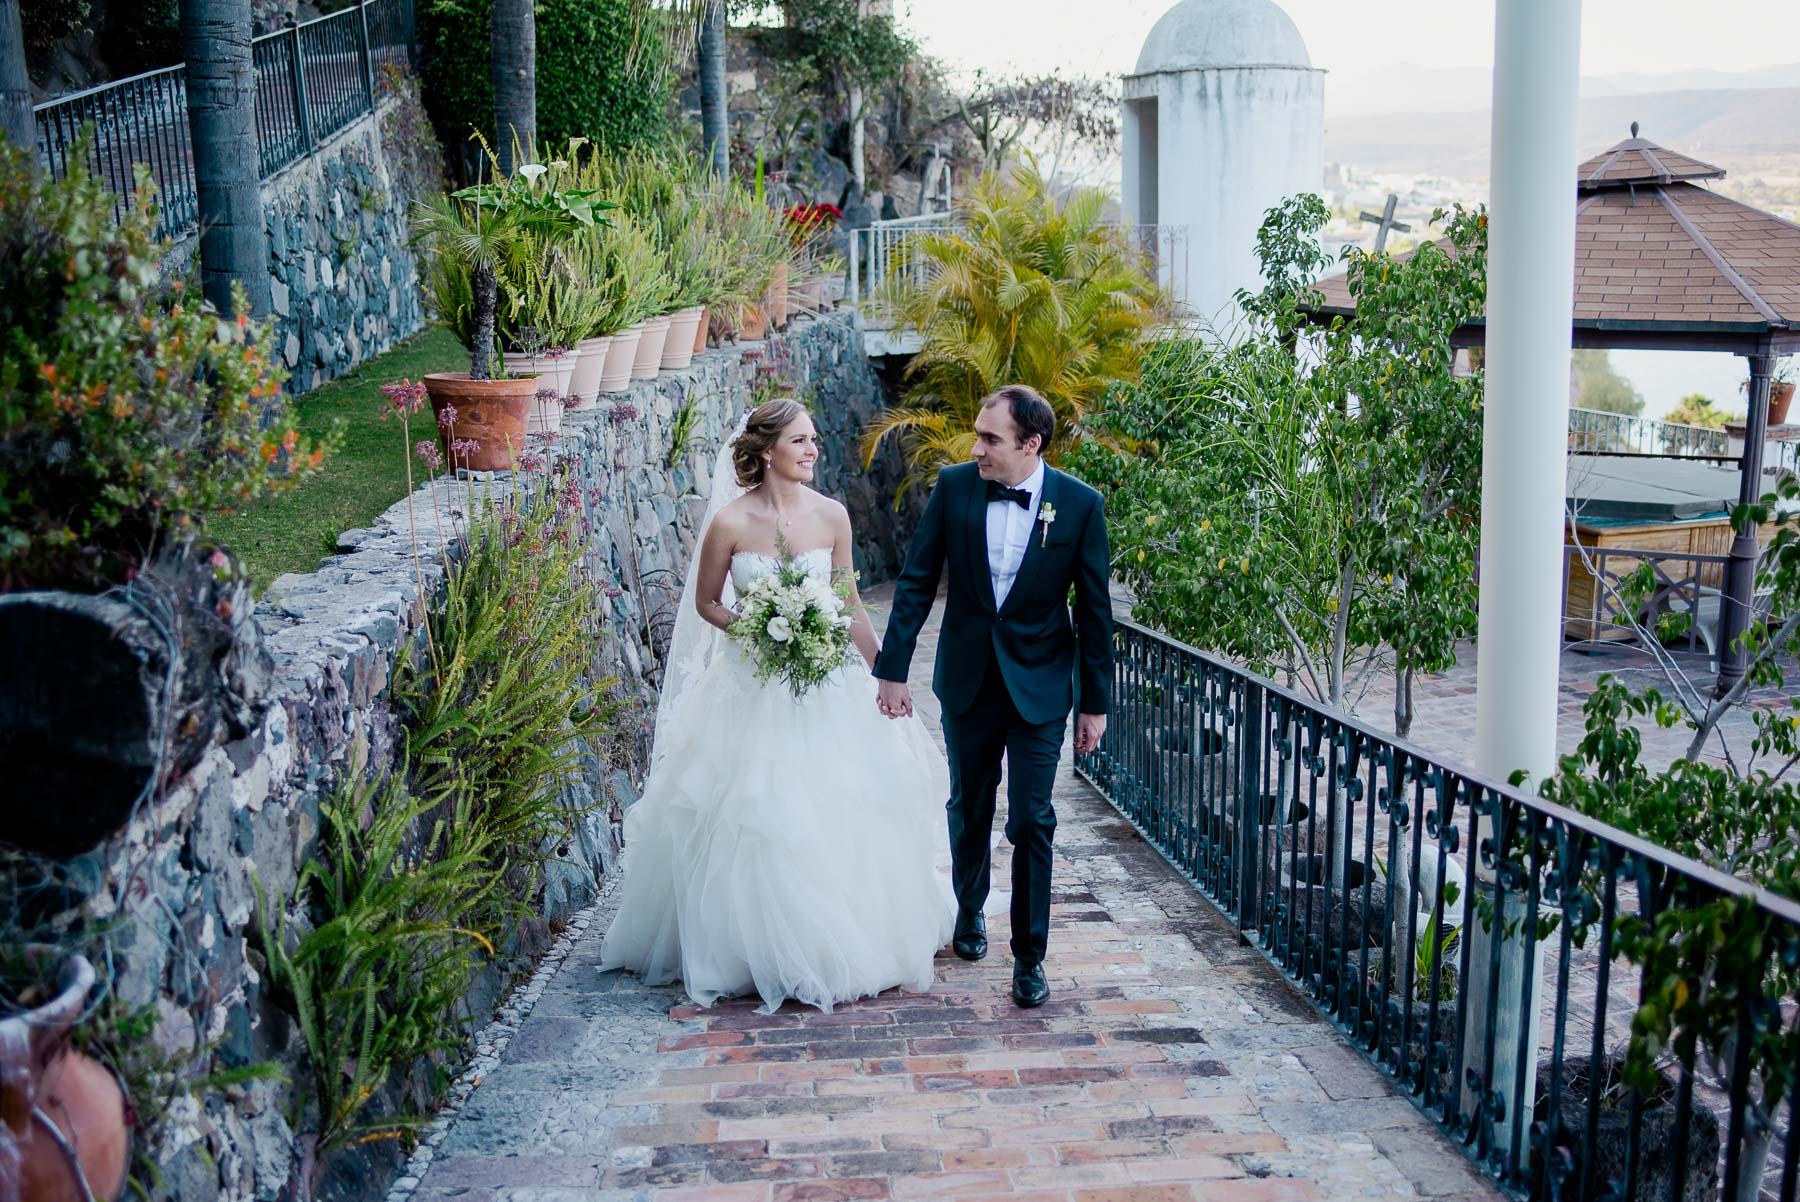 fotografo-de-bodas-en-queretaro-29